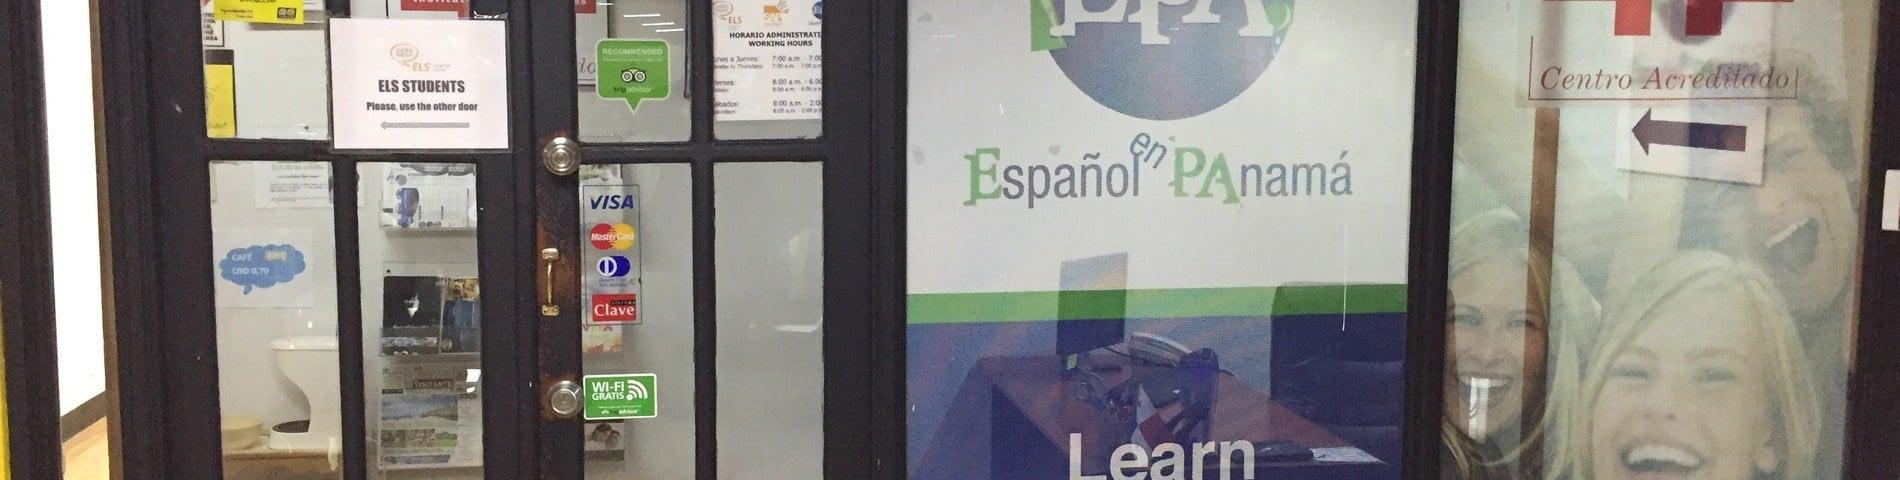 Imagen 1 de la escuela EPA! Español en Panamá